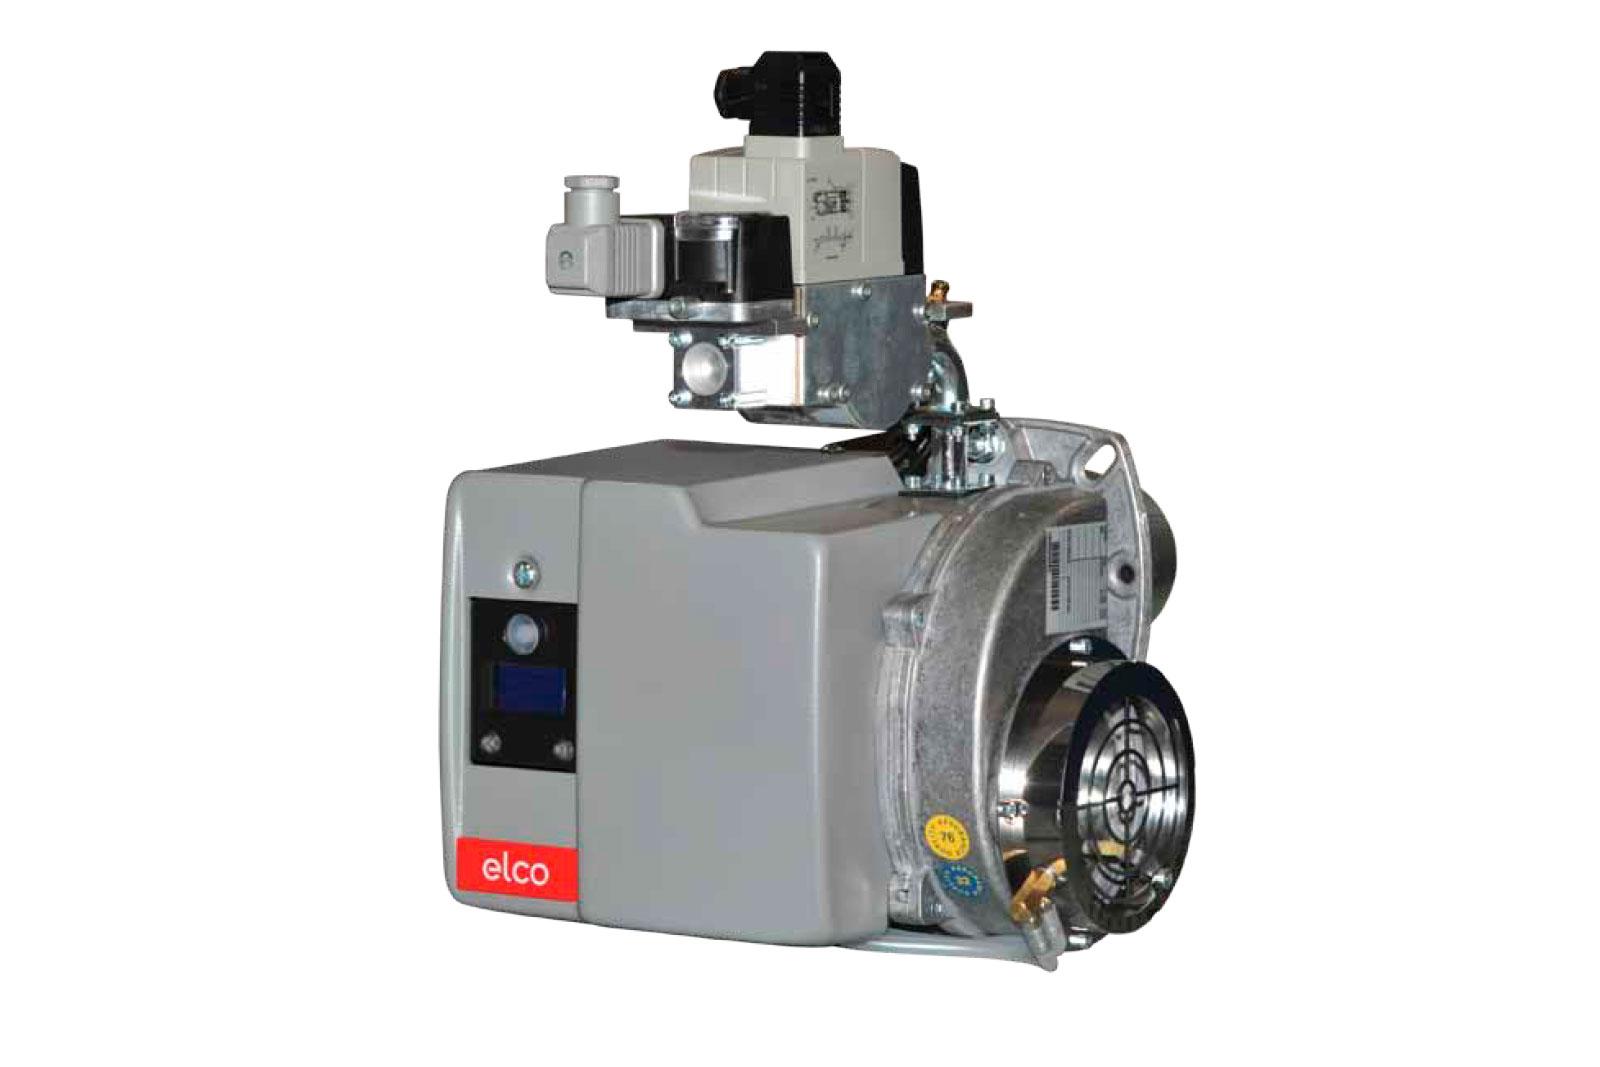 quemador-elco-monoblock-proton-flamax-eficiencia-energetica.ppal